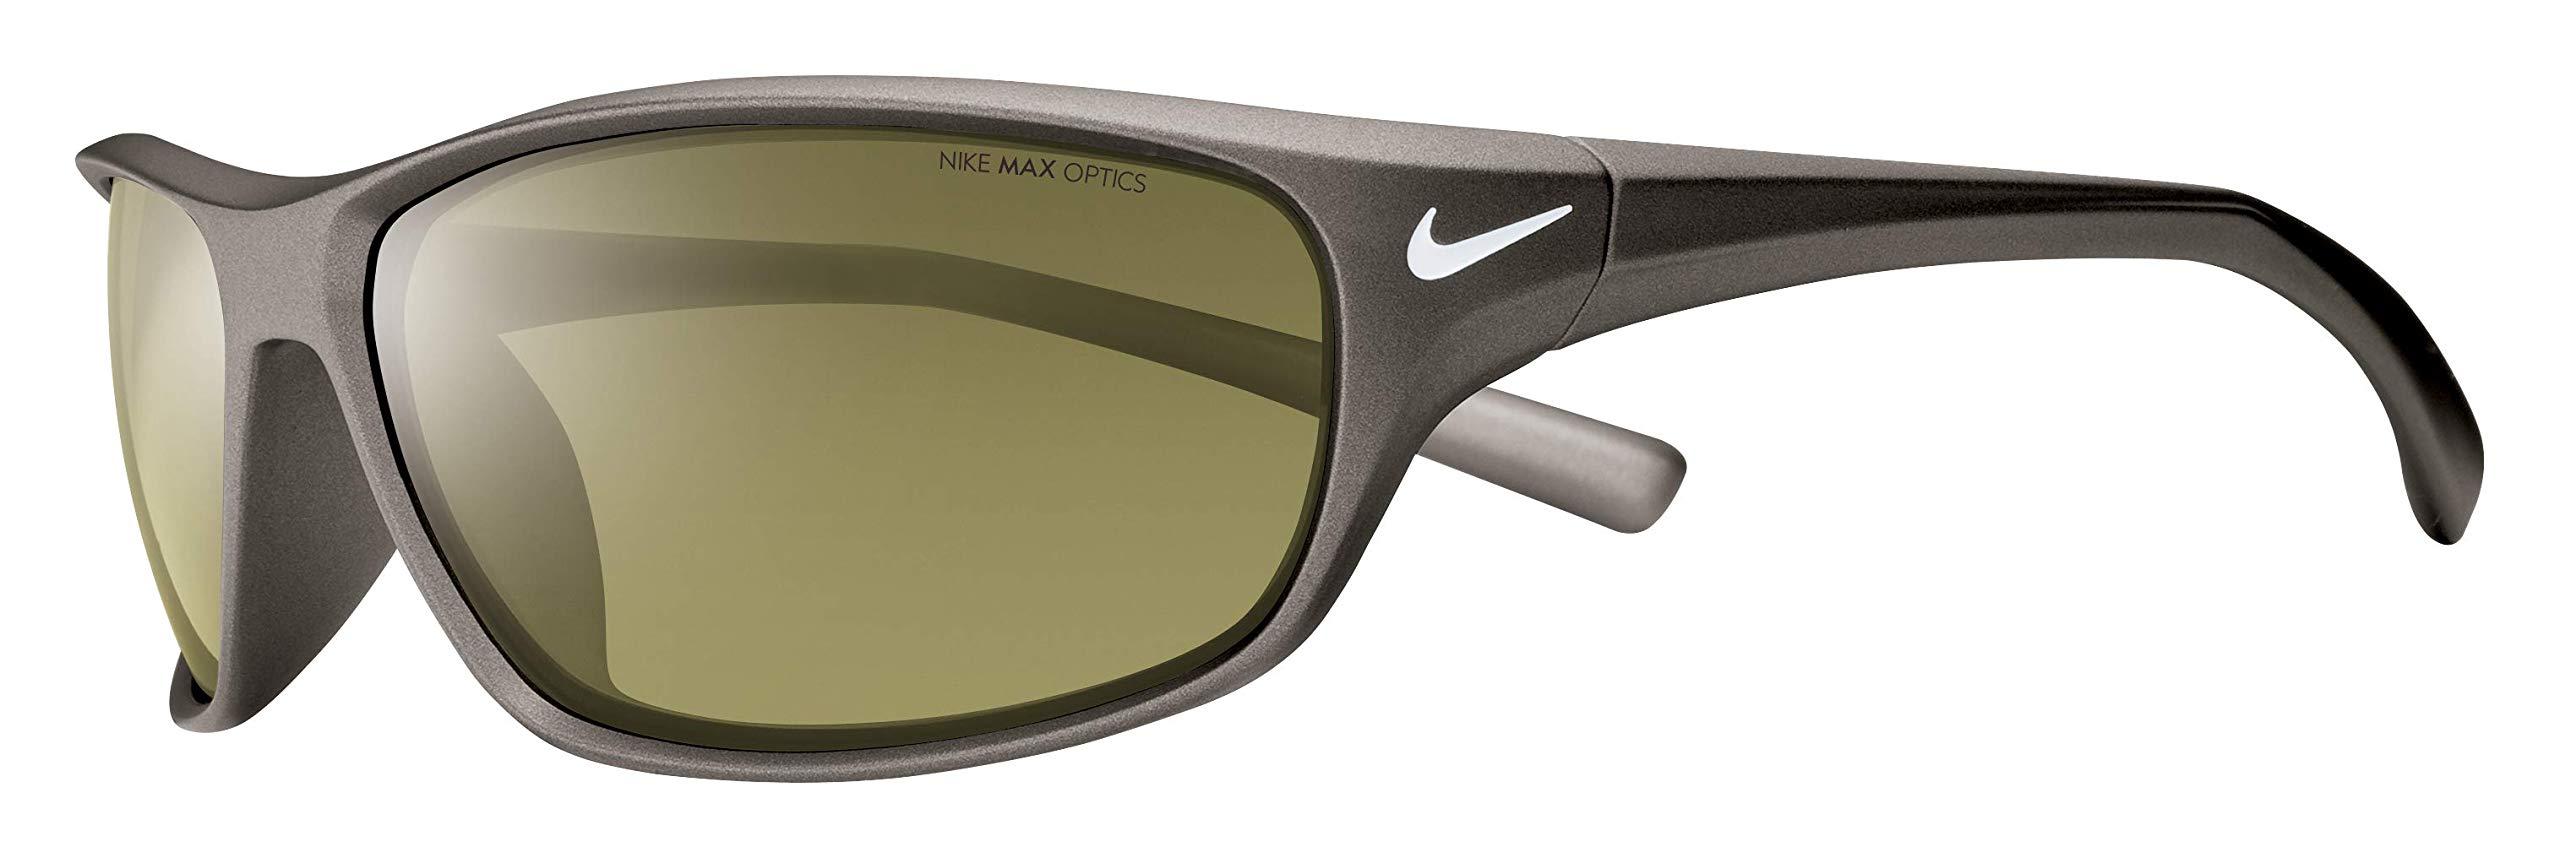 Nike EV0603-065 Rabid Sunglasses